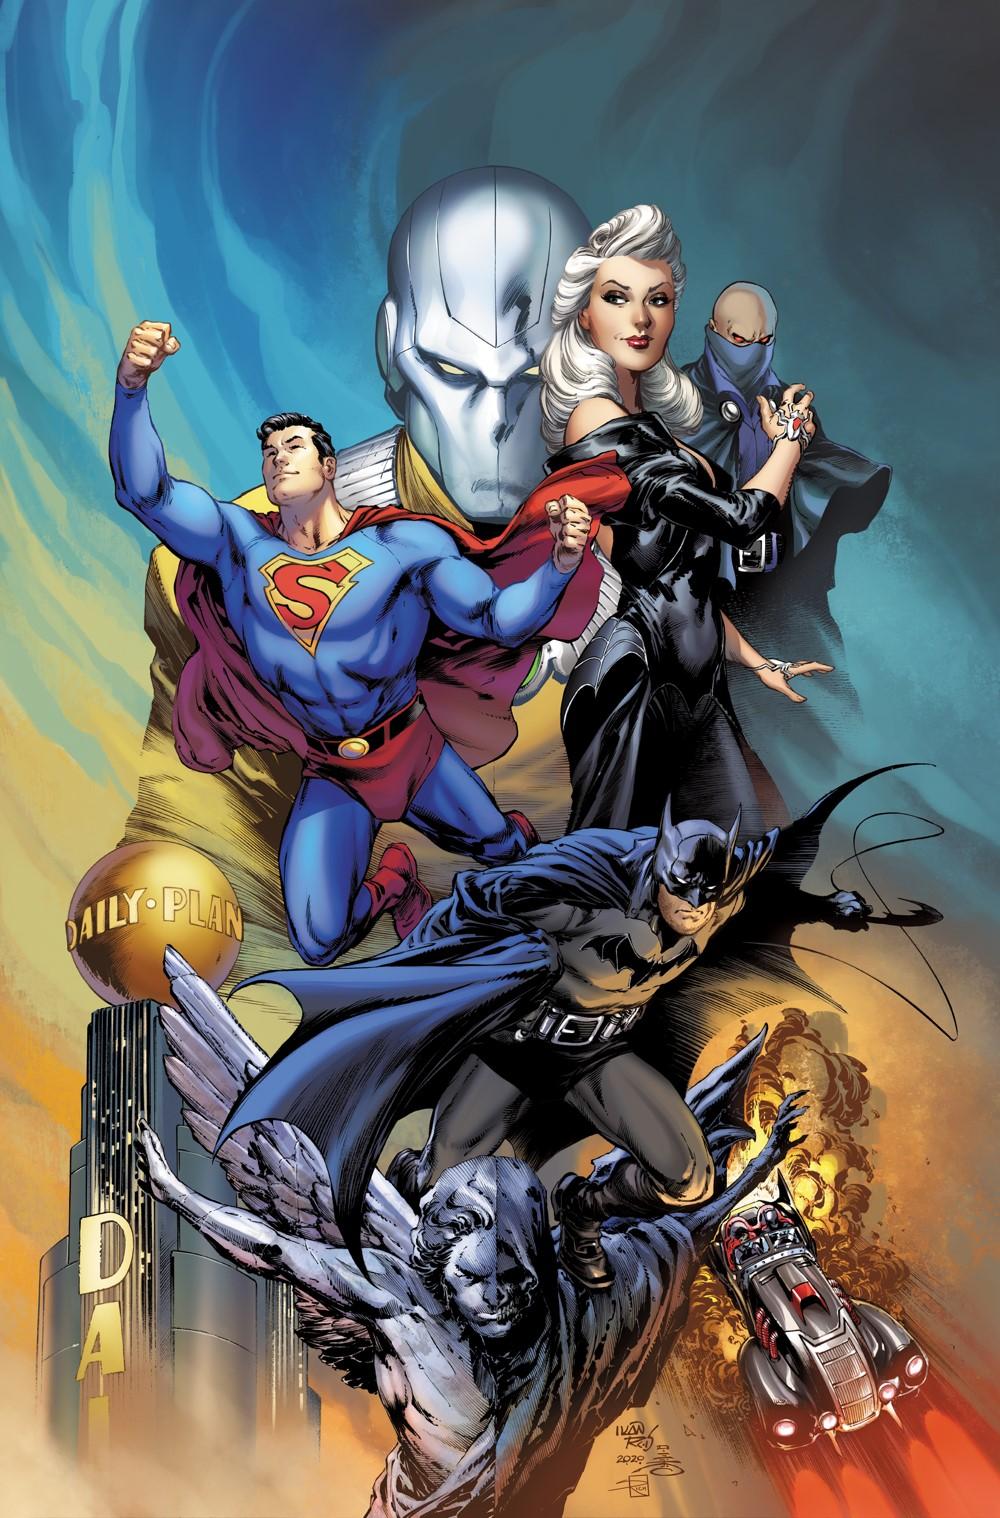 BATMAN-SUPERMAN-ARCHIVE-OF-WORLD-Trade DC Comics November 2021 Solicitations